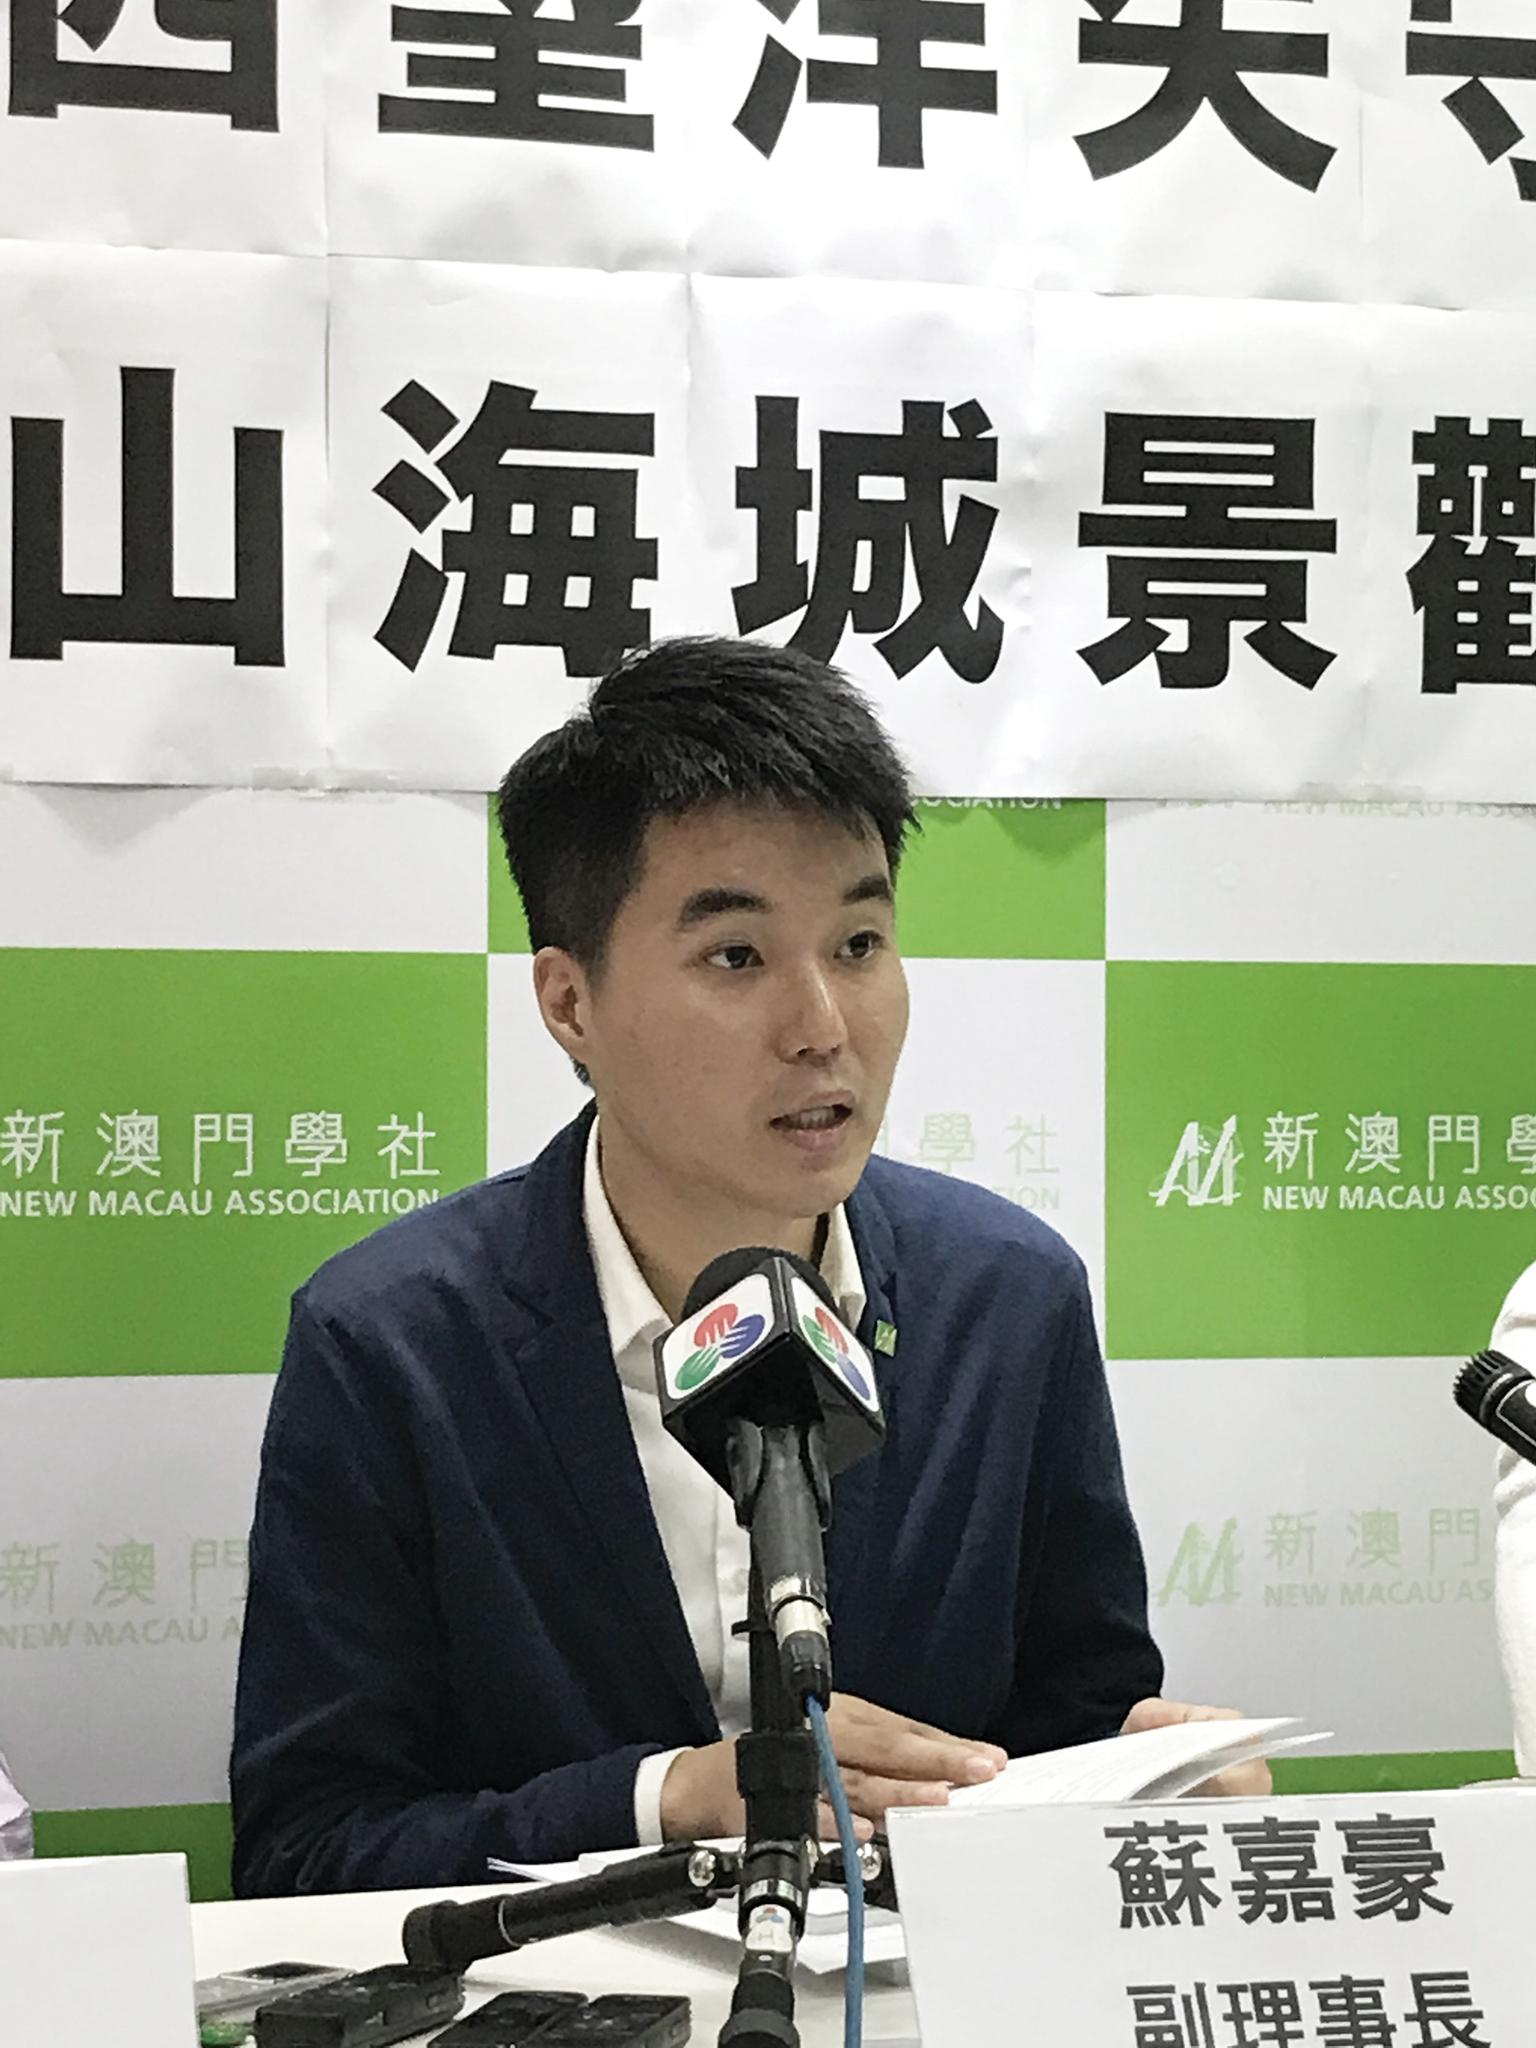 Petição | Novo Macau recolhe 1500 assinaturas contra criminalização de rumores